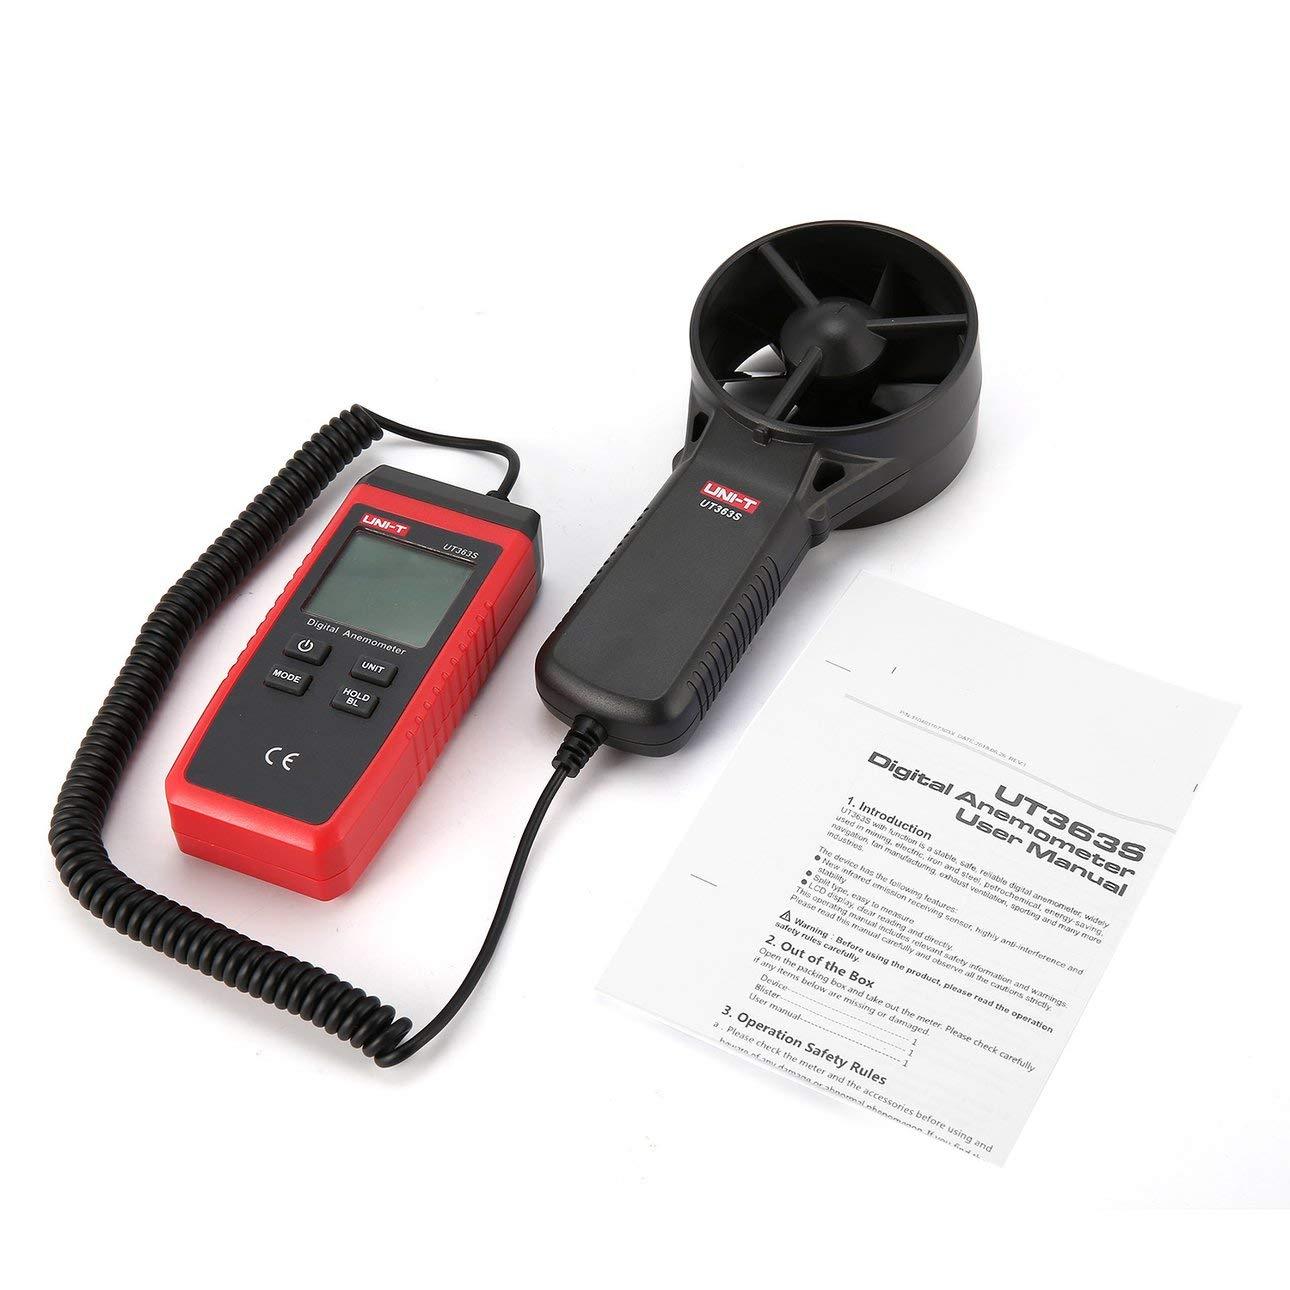 Ballylelly Uni-T UT363S Term/ómetro anem/ómetro Digital Medidor de Velocidad del Viento Medidor de Viento